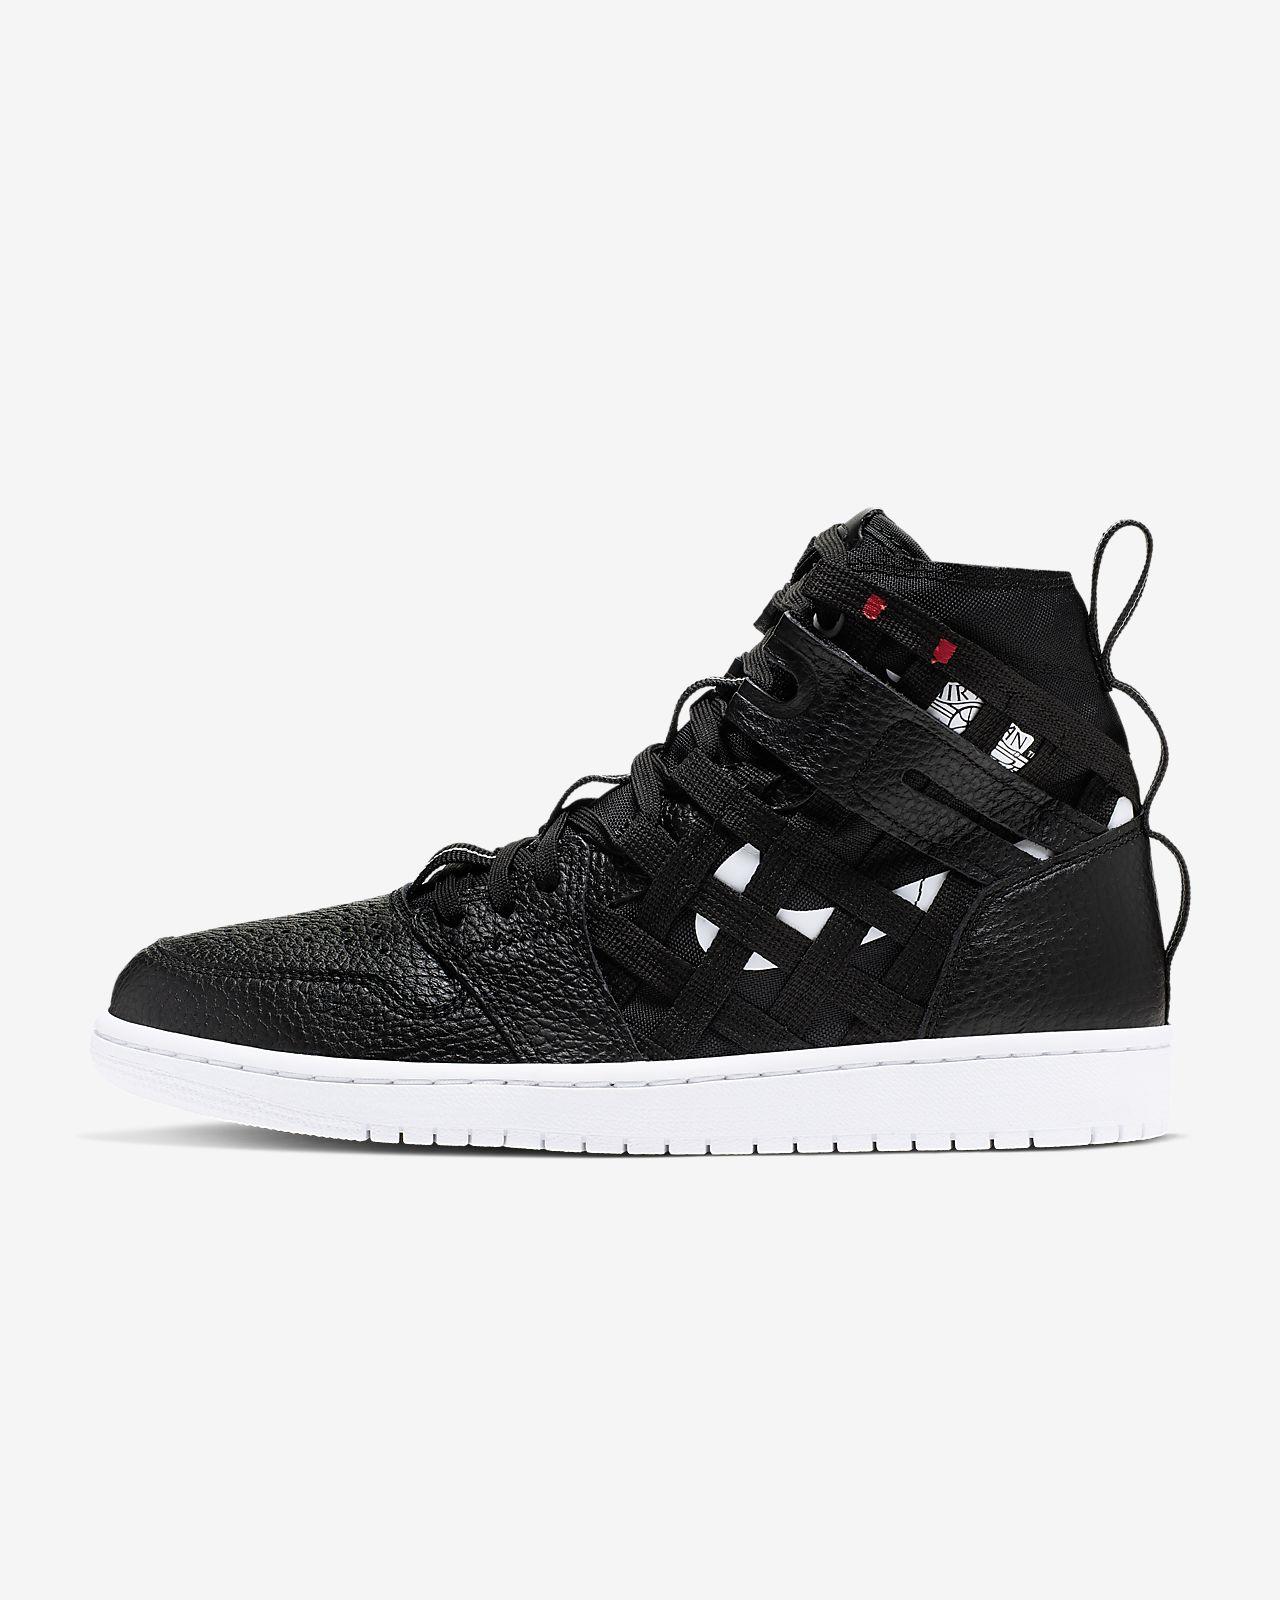 Air Jordan 1 Cargo 男鞋